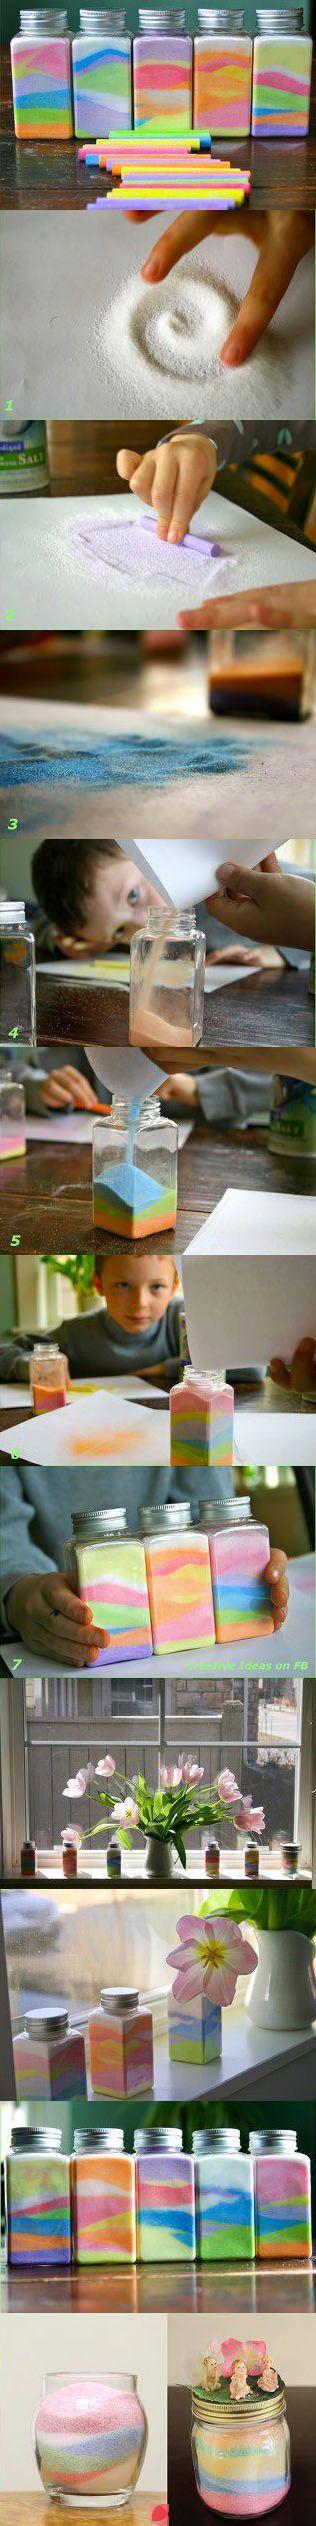 Sucre ou sel coloré à la craie